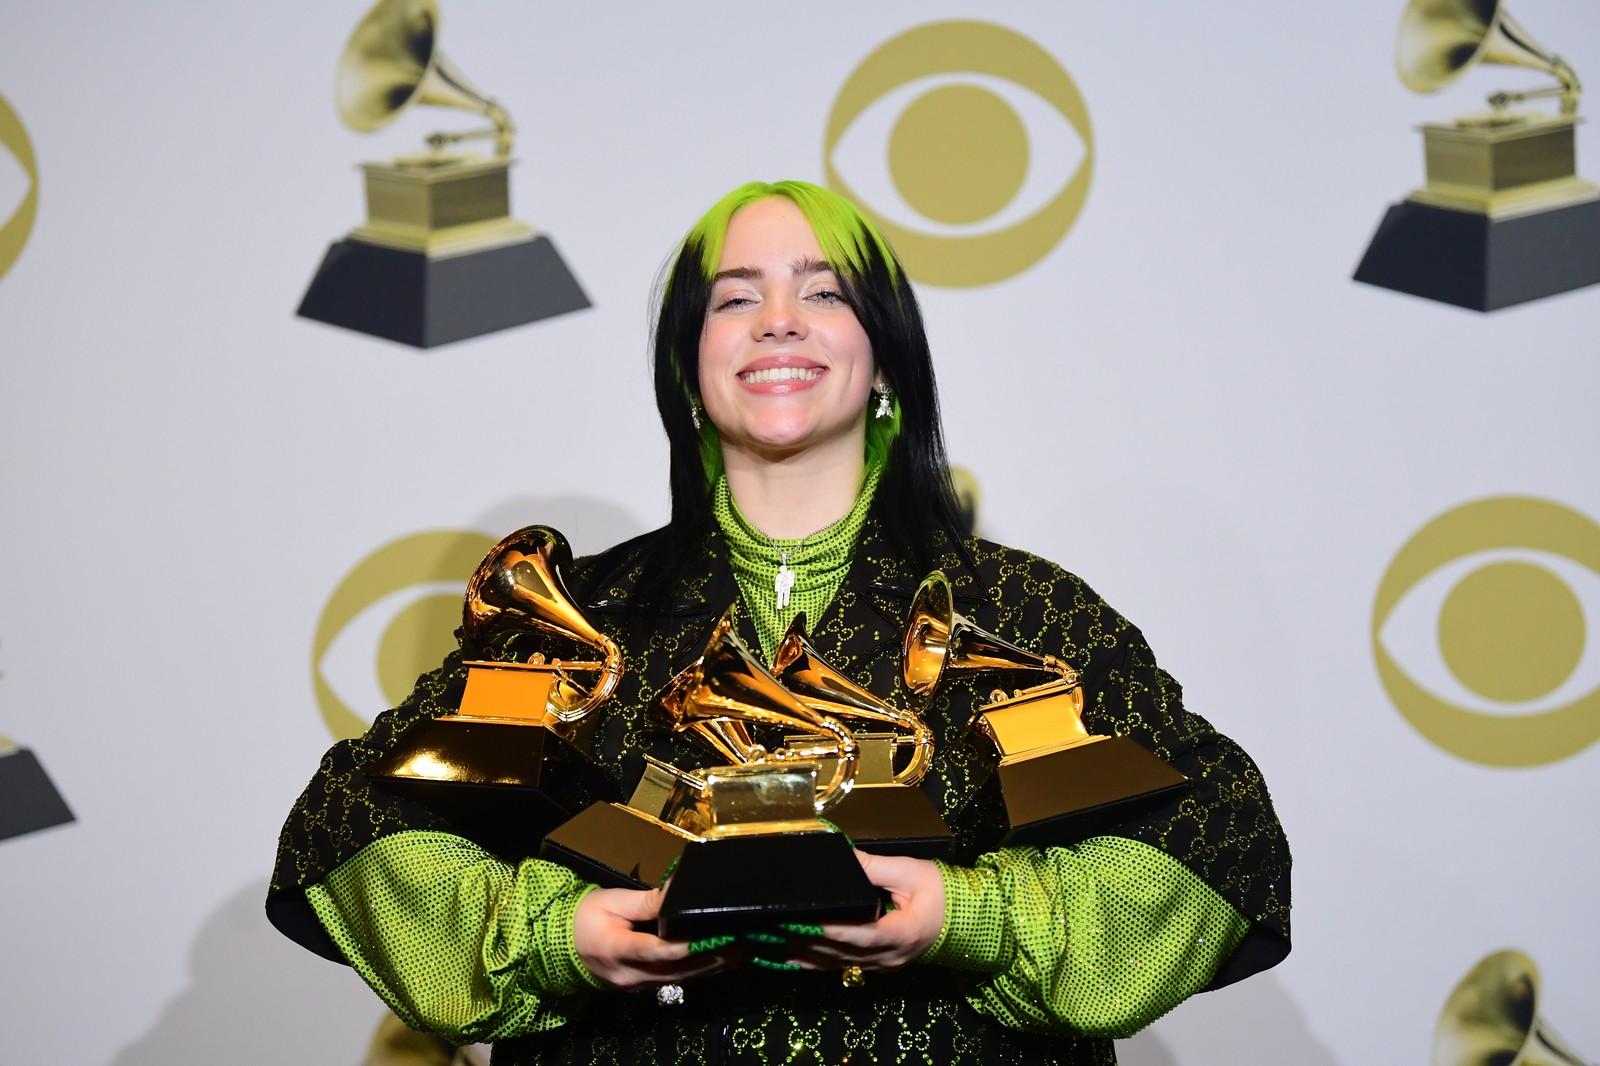 Billie Eilish leva quatro principais estatuetas da premiação. (Foto: FREDERIC J. BROWN / AFP)